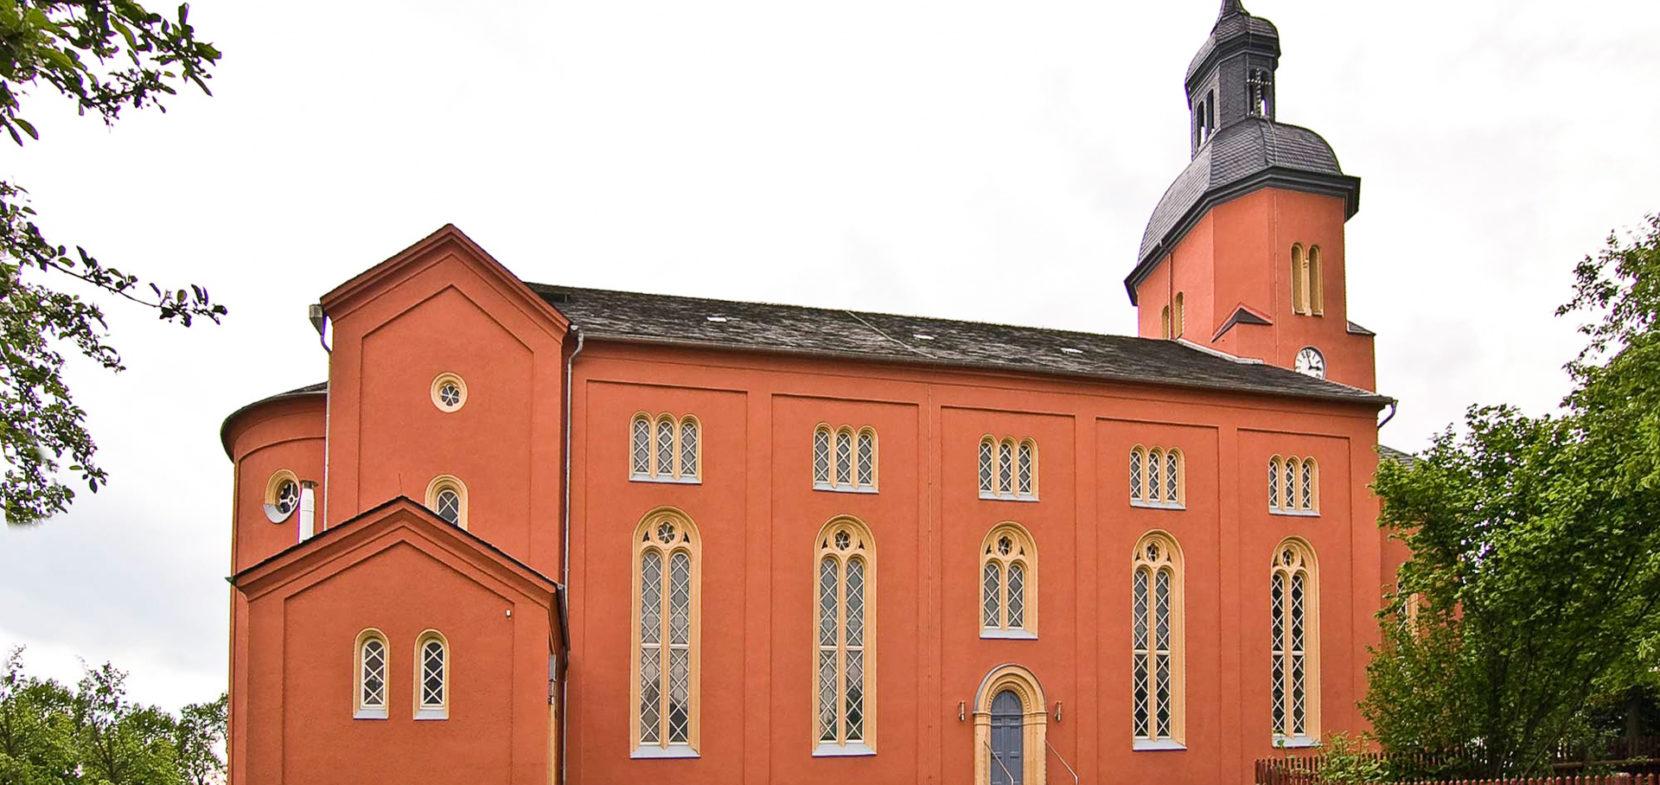 Kirche zum Heiligen Kreuz in Ortmannsdorf